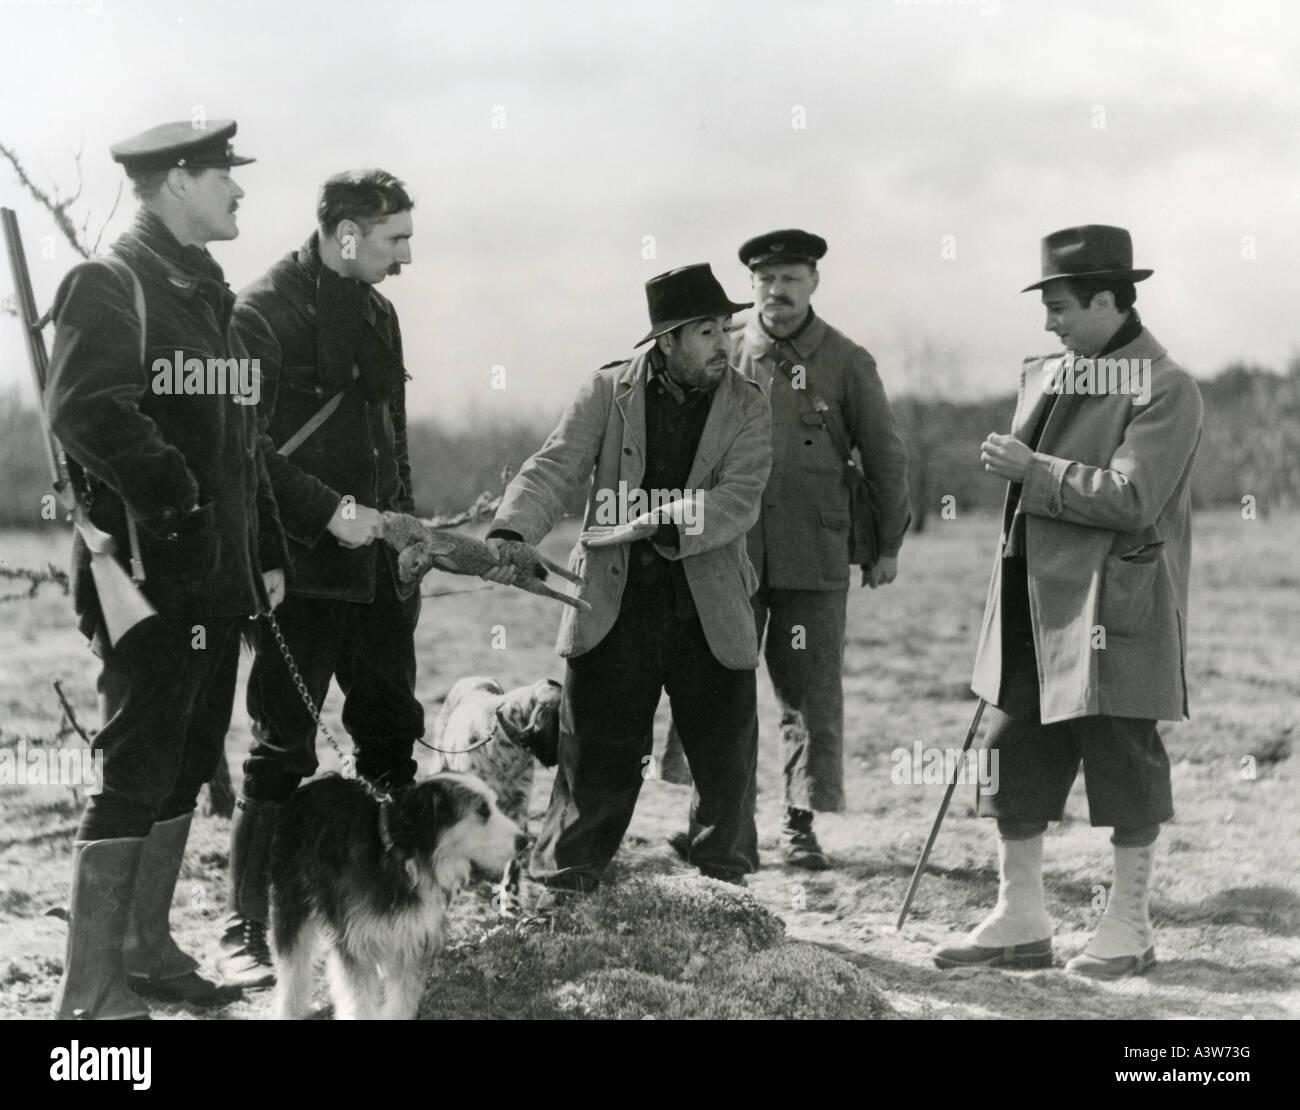 LA REGLE DU JEU 1939 Nouvelle Edition film written and director by Jean Renoir - Stock Image